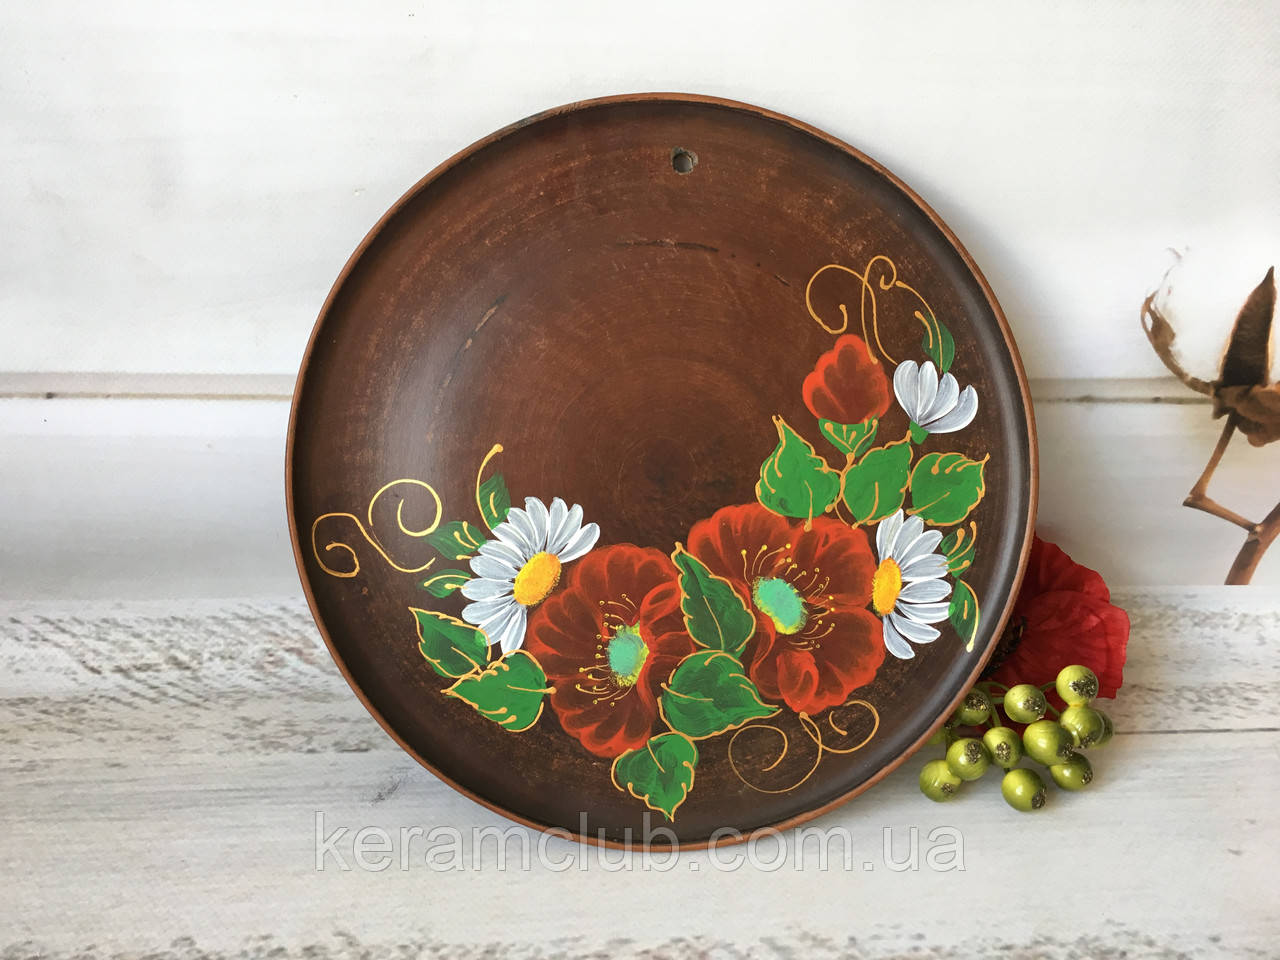 Настенное панно с ручной росписью Мак-ромашка